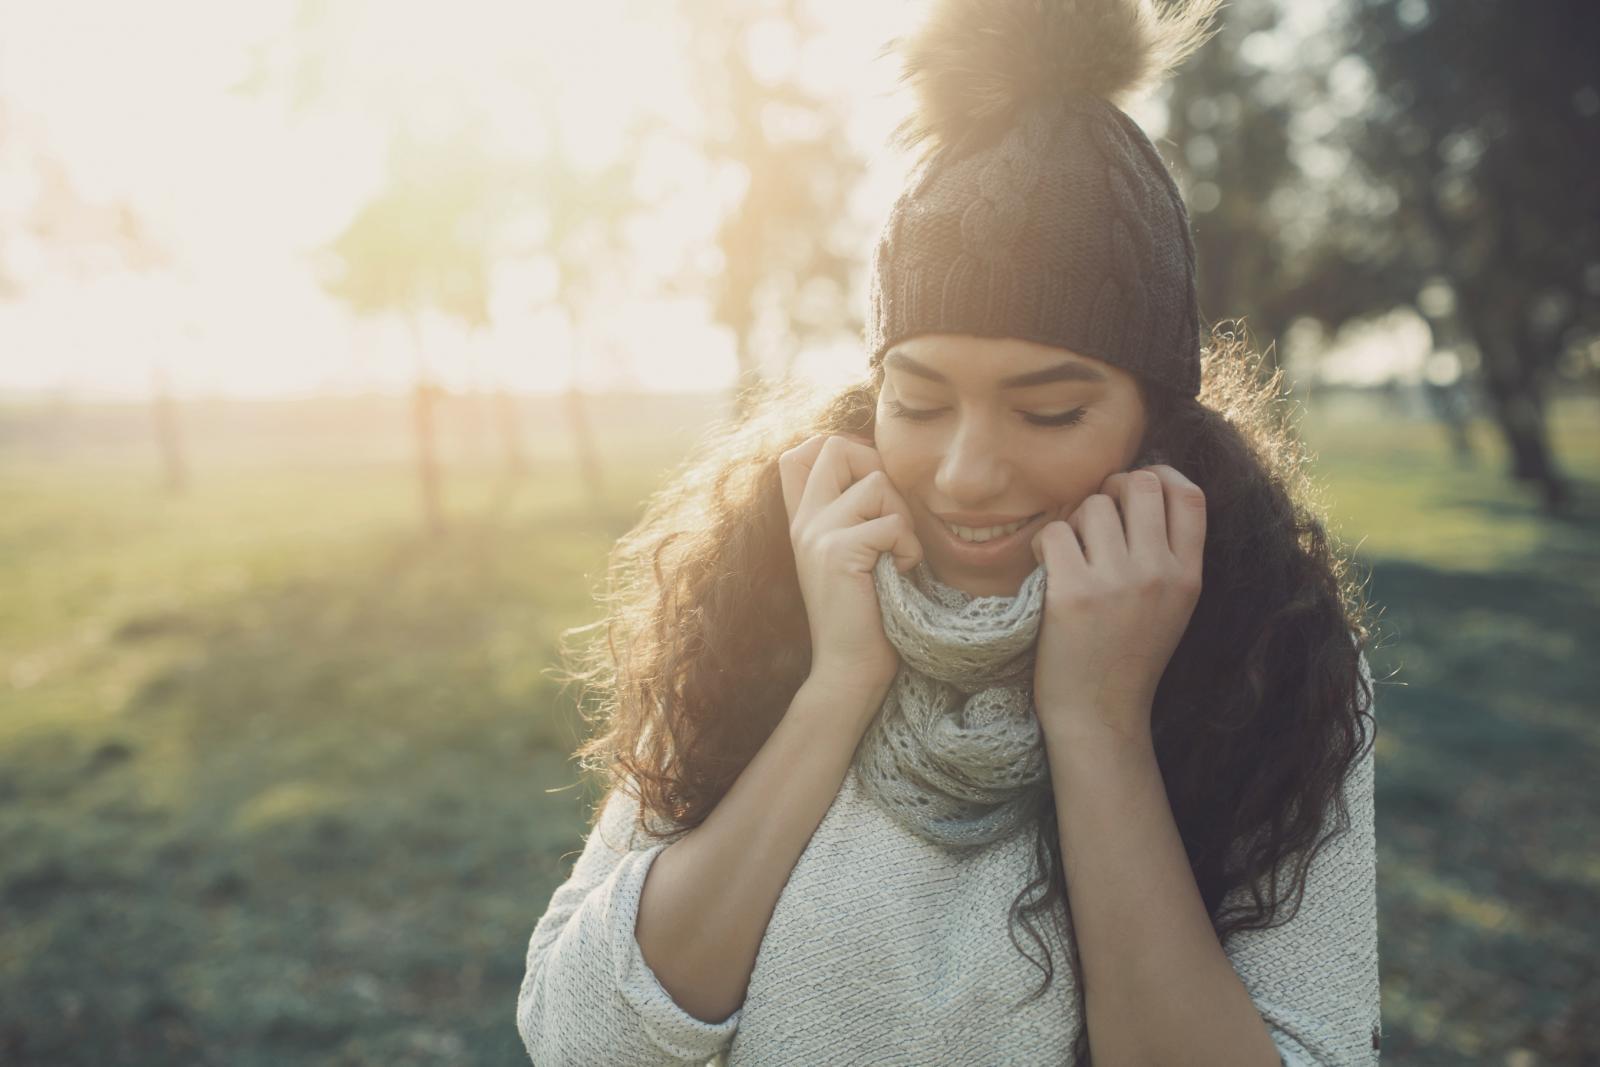 U situacijama kad smo ljubazni prema drugima na način da smo pri tom vrlo neljubazni prema samima sebi - to zapravo opće nije ljubaznost.